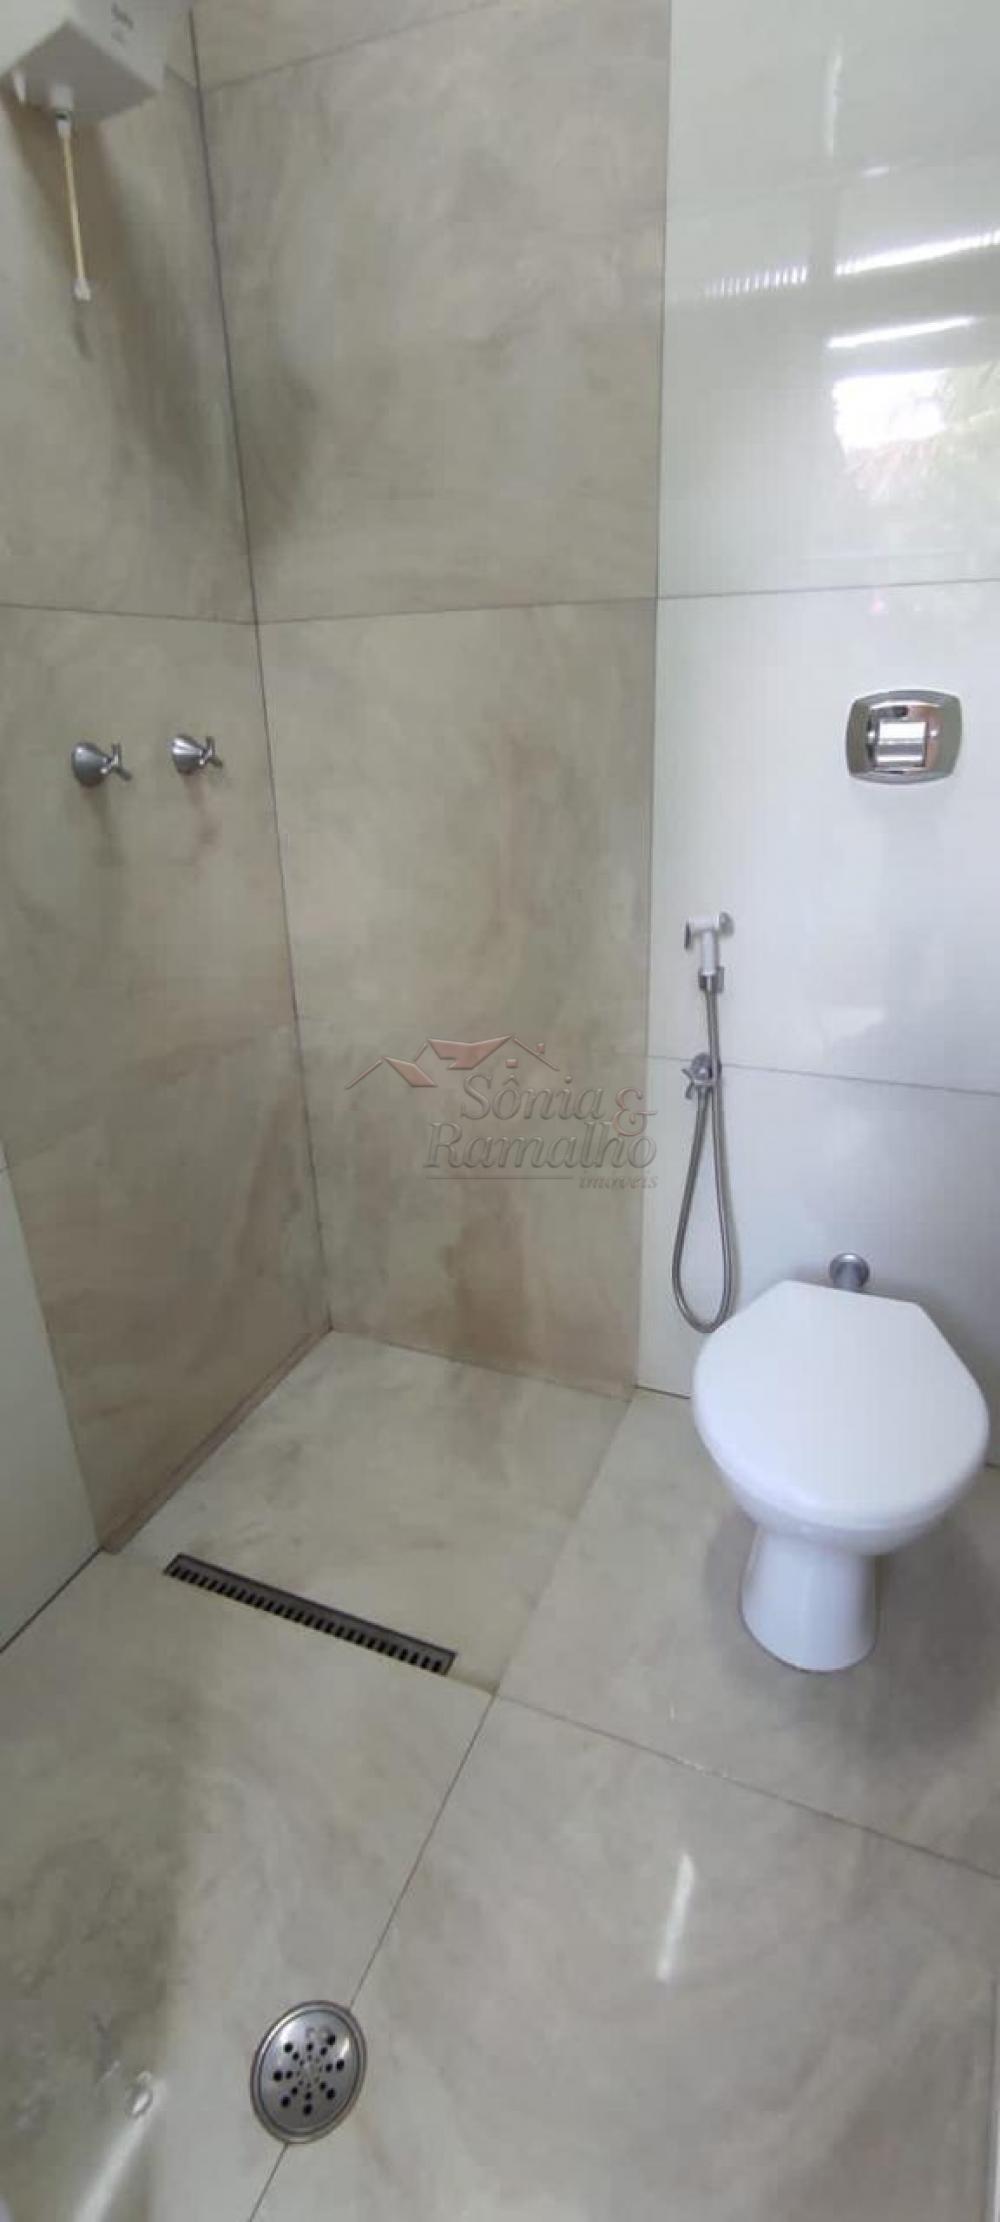 Comprar Casas / Padrão em Ribeirão Preto apenas R$ 240.000,00 - Foto 15